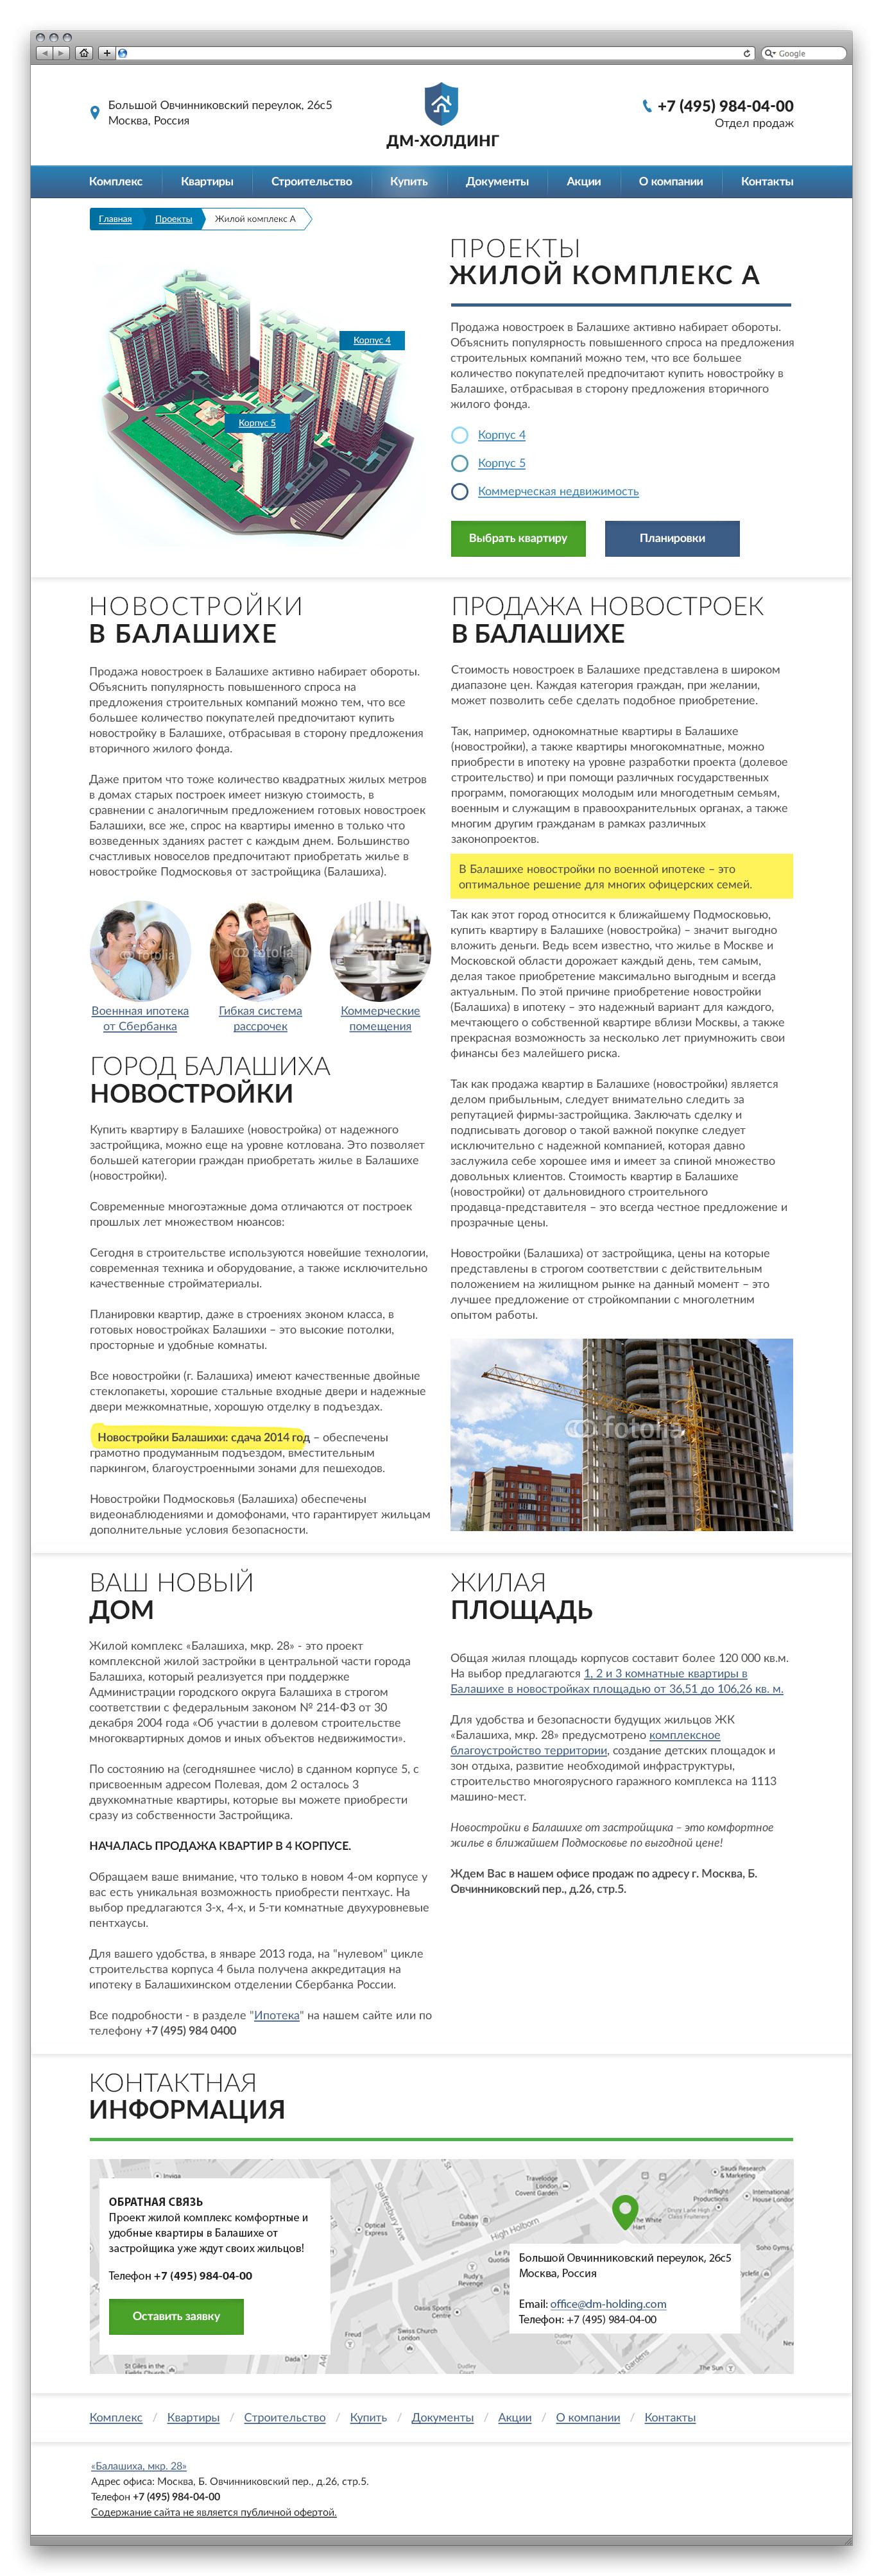 Редизайн сайта компании застройщика фото f_1435519219bcbb61.jpg